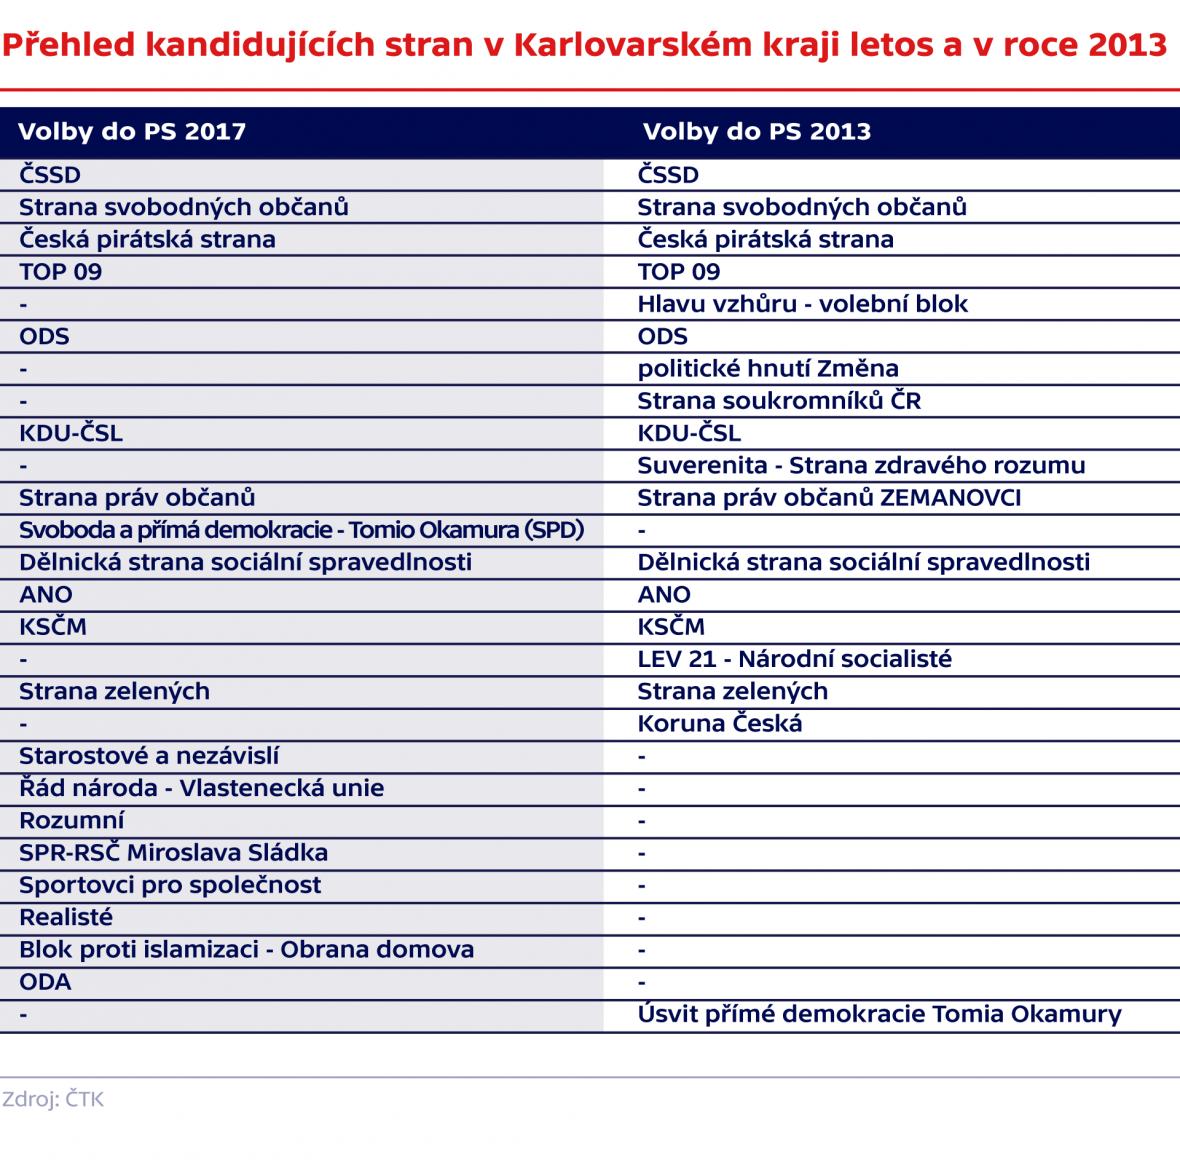 Přehled uskupení kandidujících v Karlovarském kraji